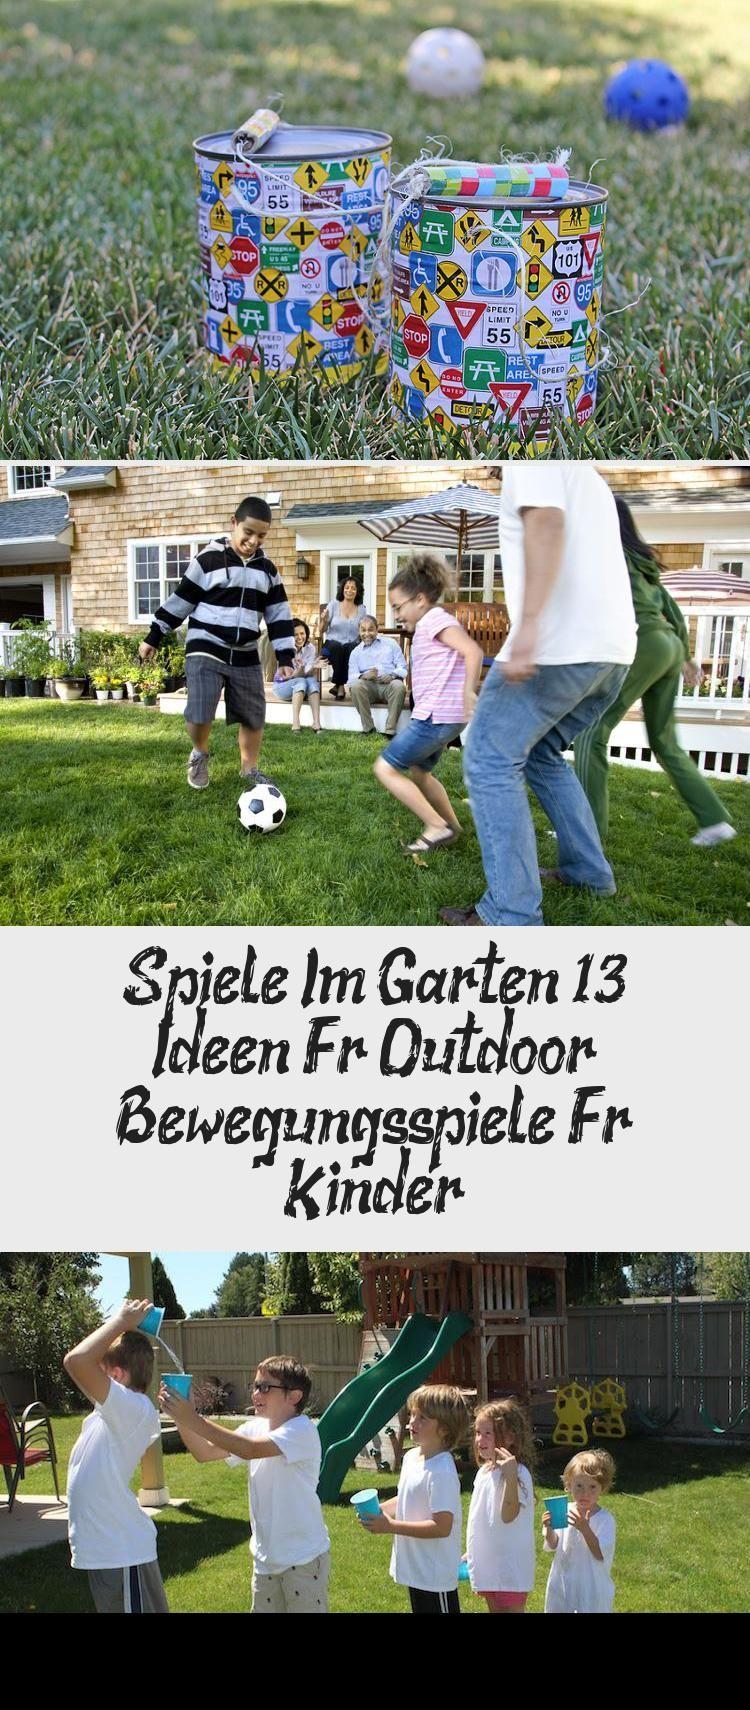 Spiele Im Garten 13 Ideen Für Outdoor Bewegungsspiele Für Kinder Sandkasten Gartengestaltung Games Kinderspielplatz Water Play Gartenideenterasse Garte In 2020